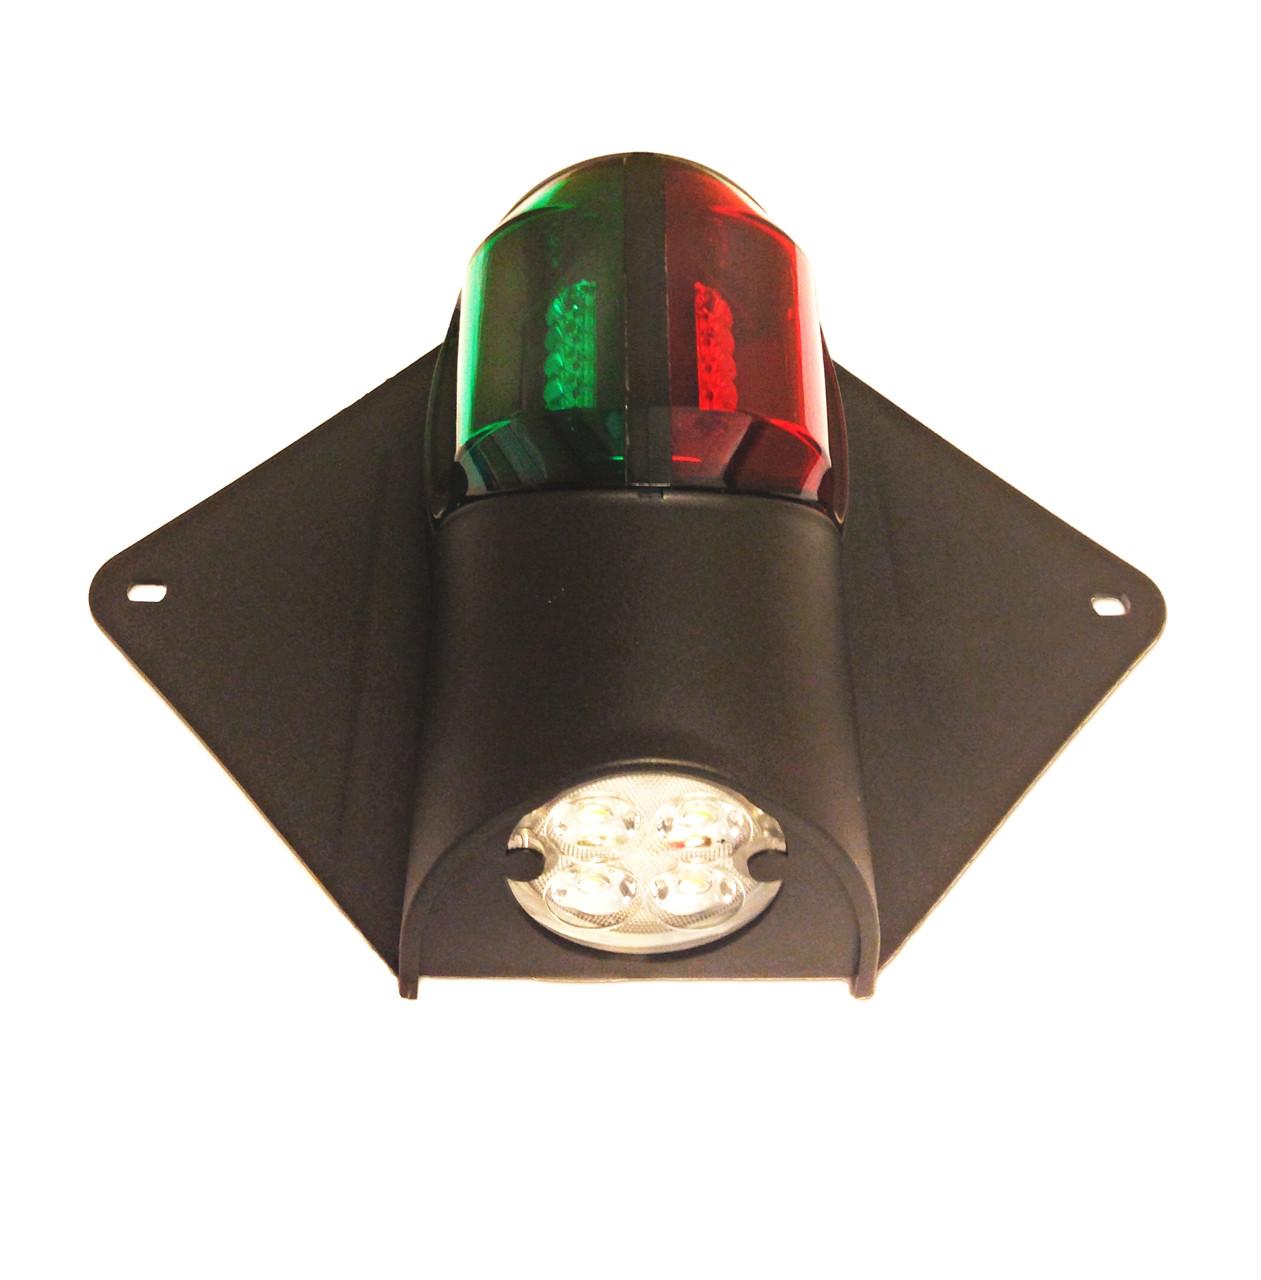 Mast mounted LED light for Beneteau Oceanis